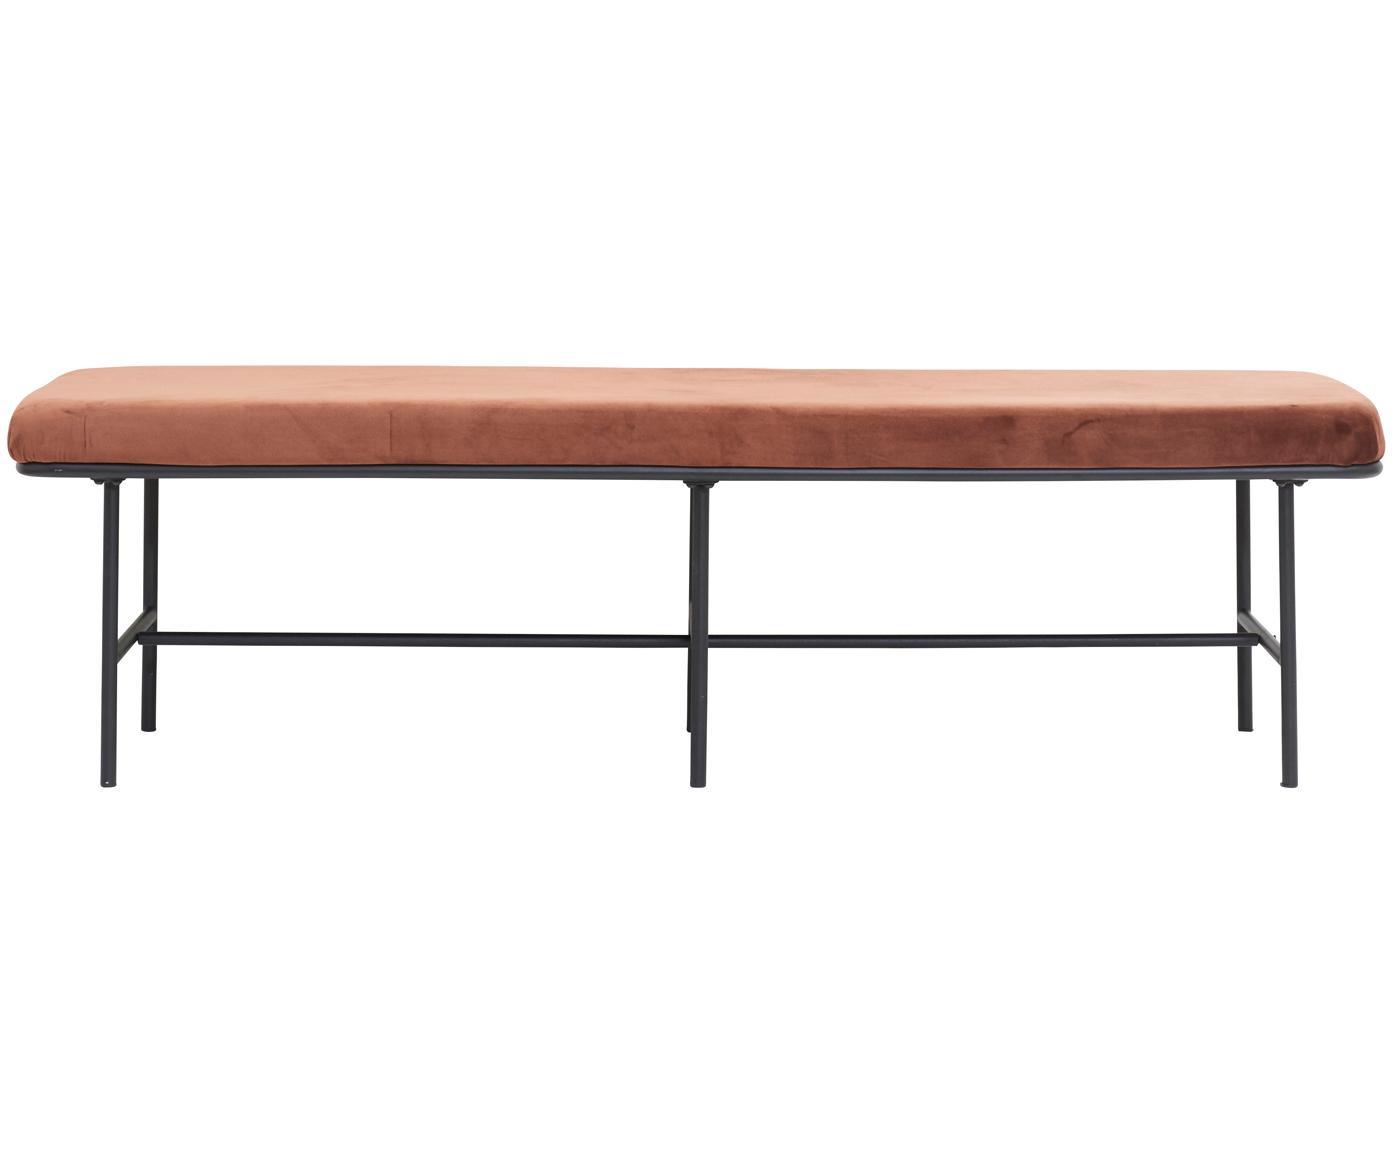 Banco de terciopelo Comma, Tapizado: terciopelo de poliéster, Estructura: acero, pintura en polvo, Marrón rojizo, An 160 x Al 46 cm